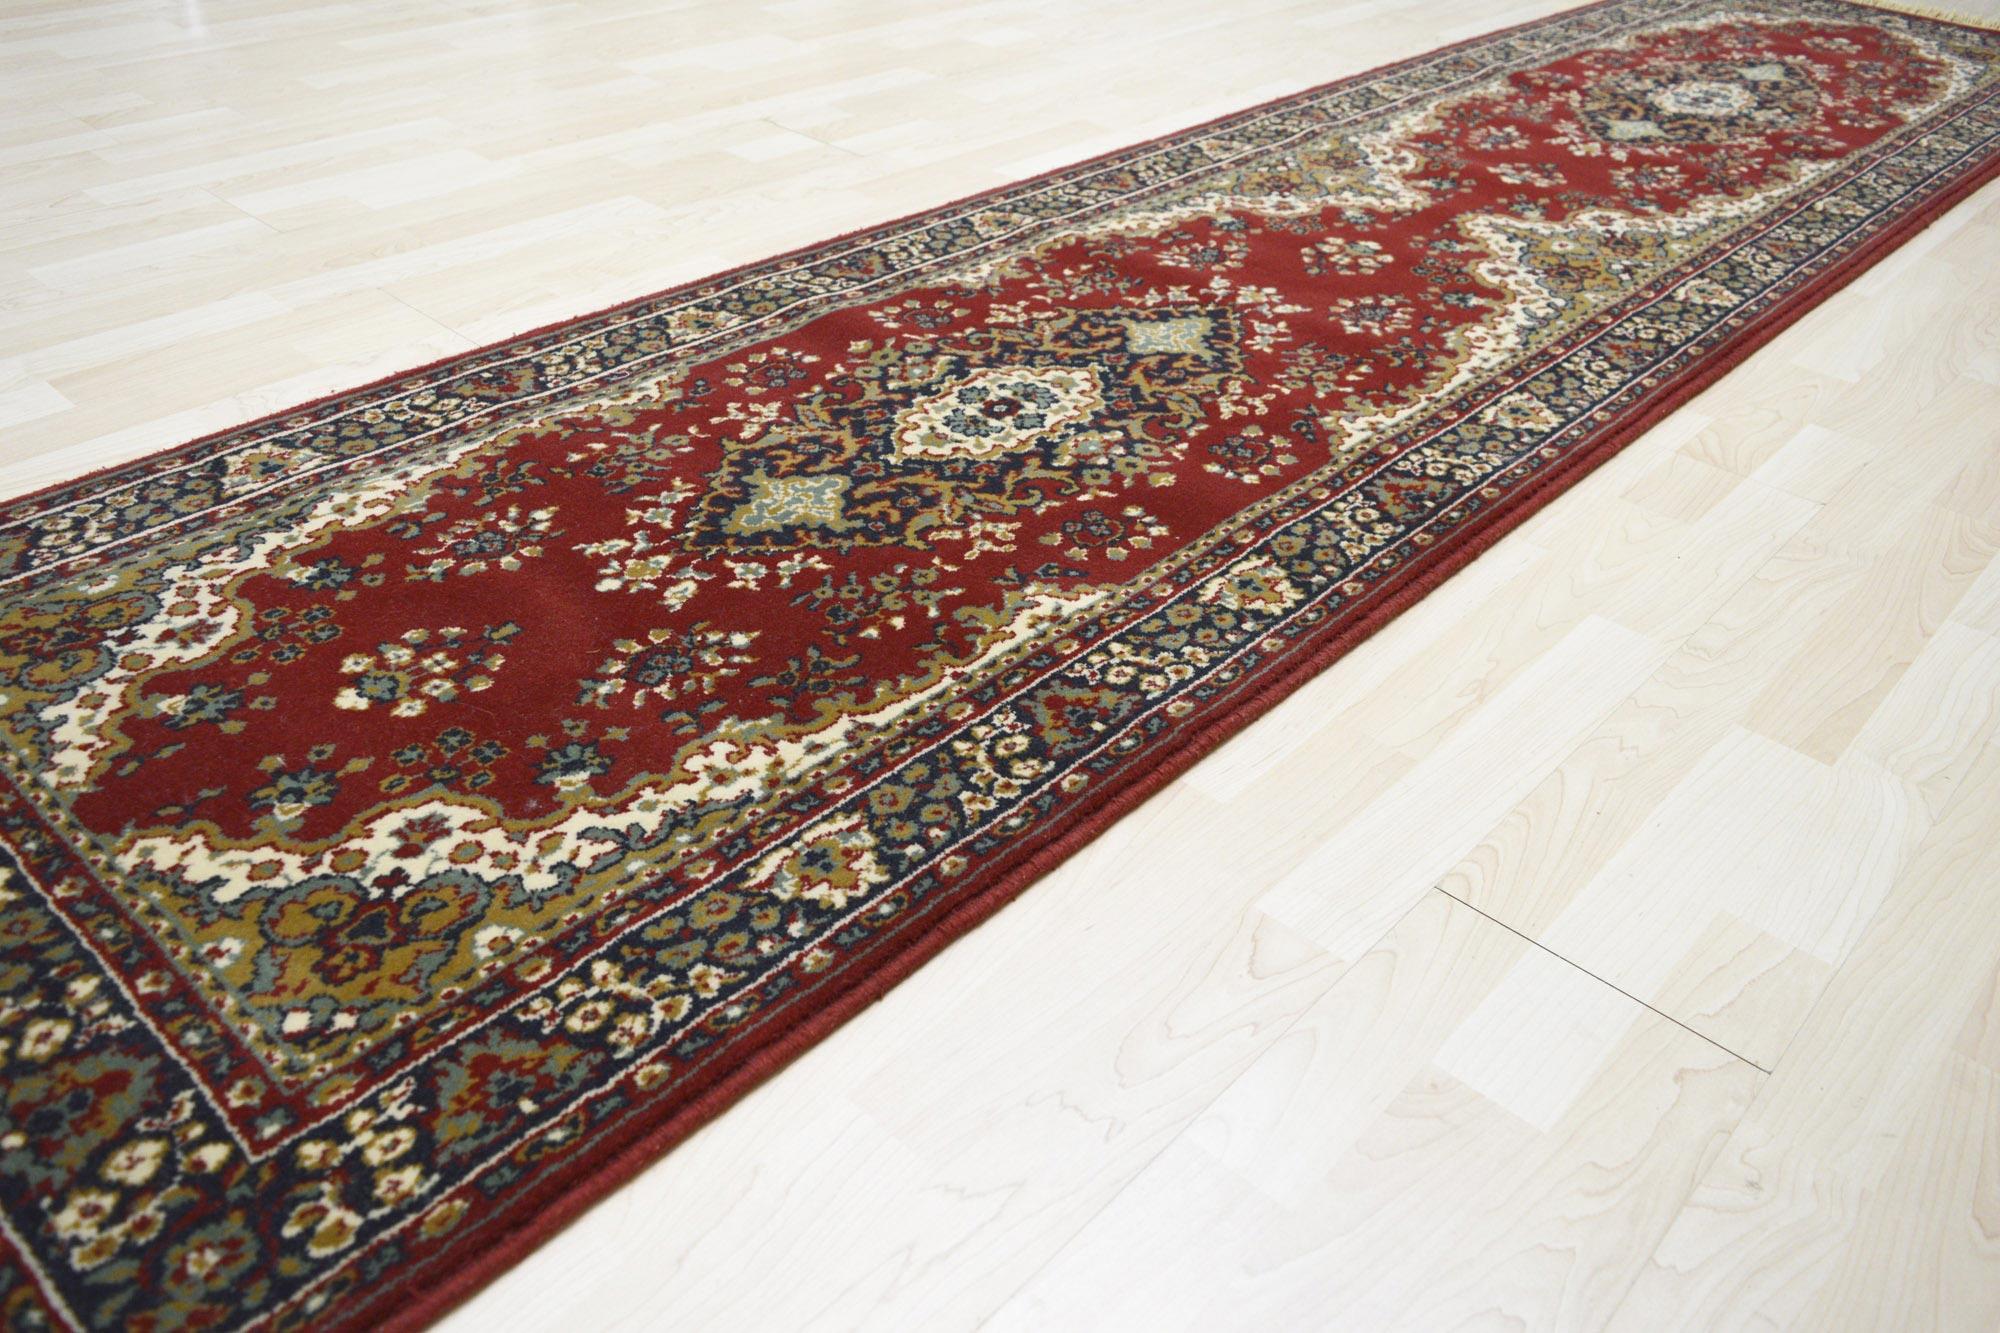 Χαλί Topcarpet Istar Wool 802 Bordo-Olive 70X220